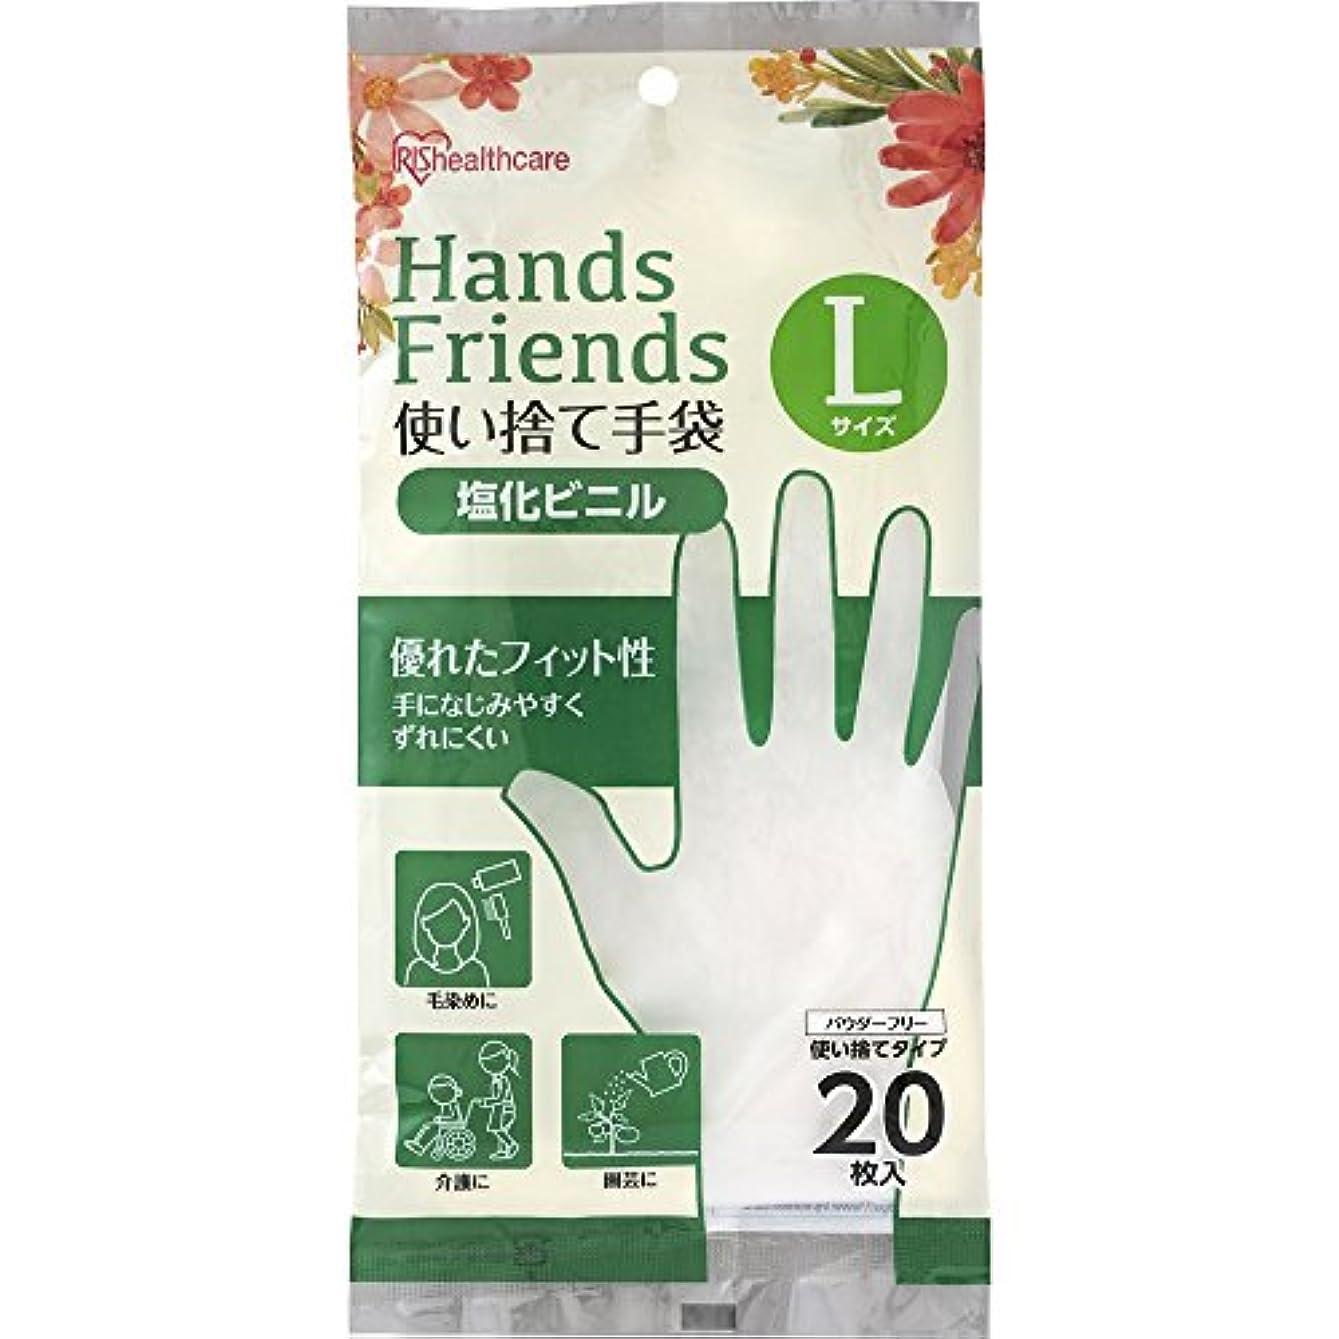 マーティンルーサーキングジュニア地味な比較使い捨て手袋 クリア 塩化ビニル 20枚 Lサイズ PVC-20L